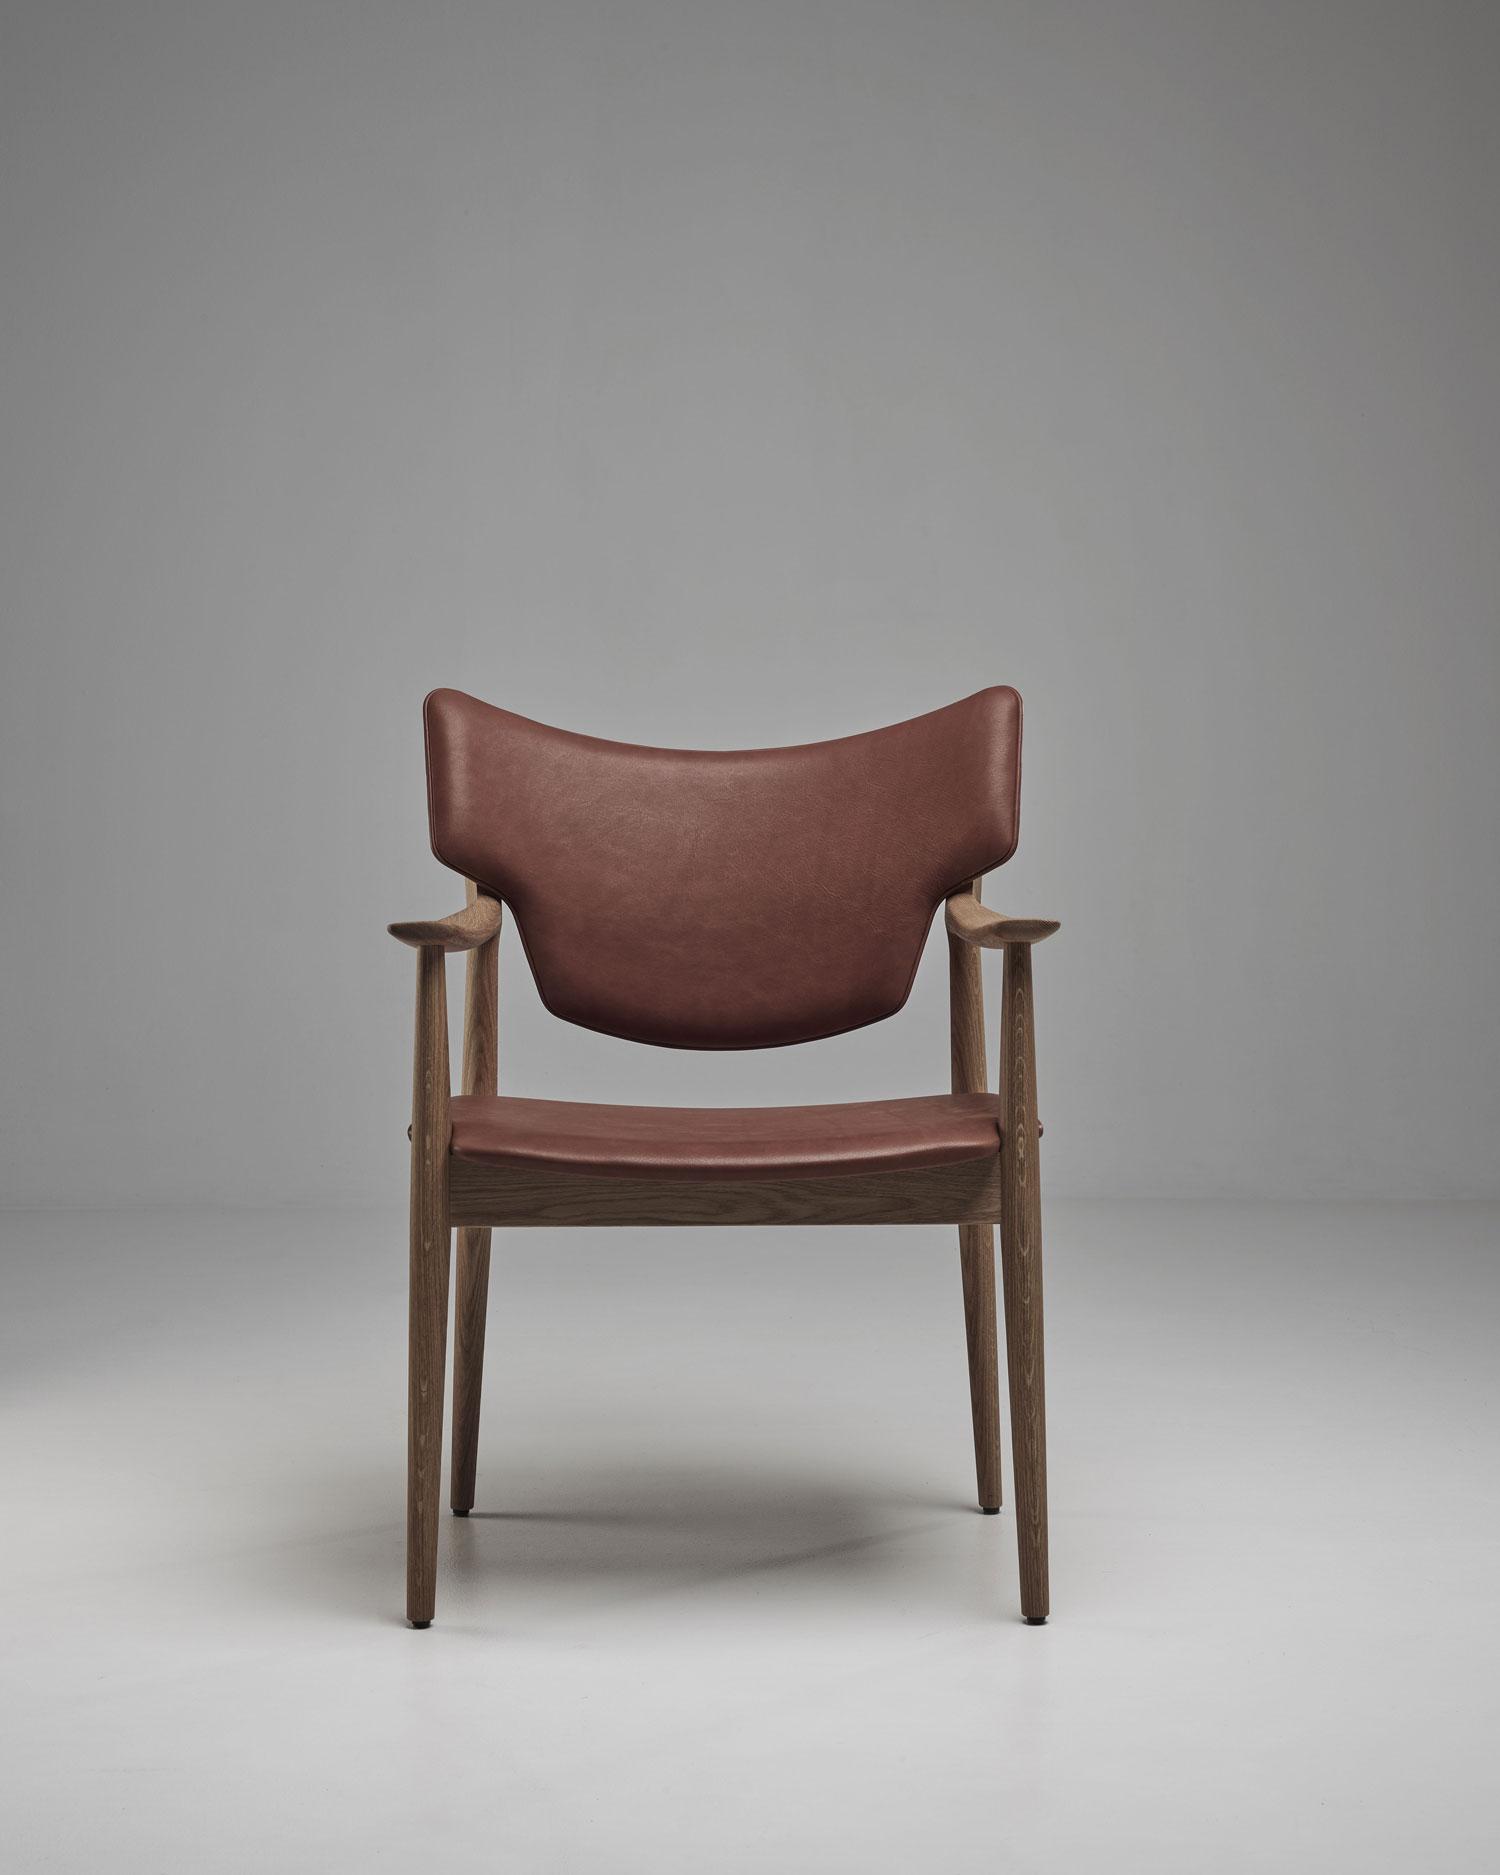 Stylecraft Eikund Veng Armchair Mid Century Design Photo Tom Haga Yellowtrace 08